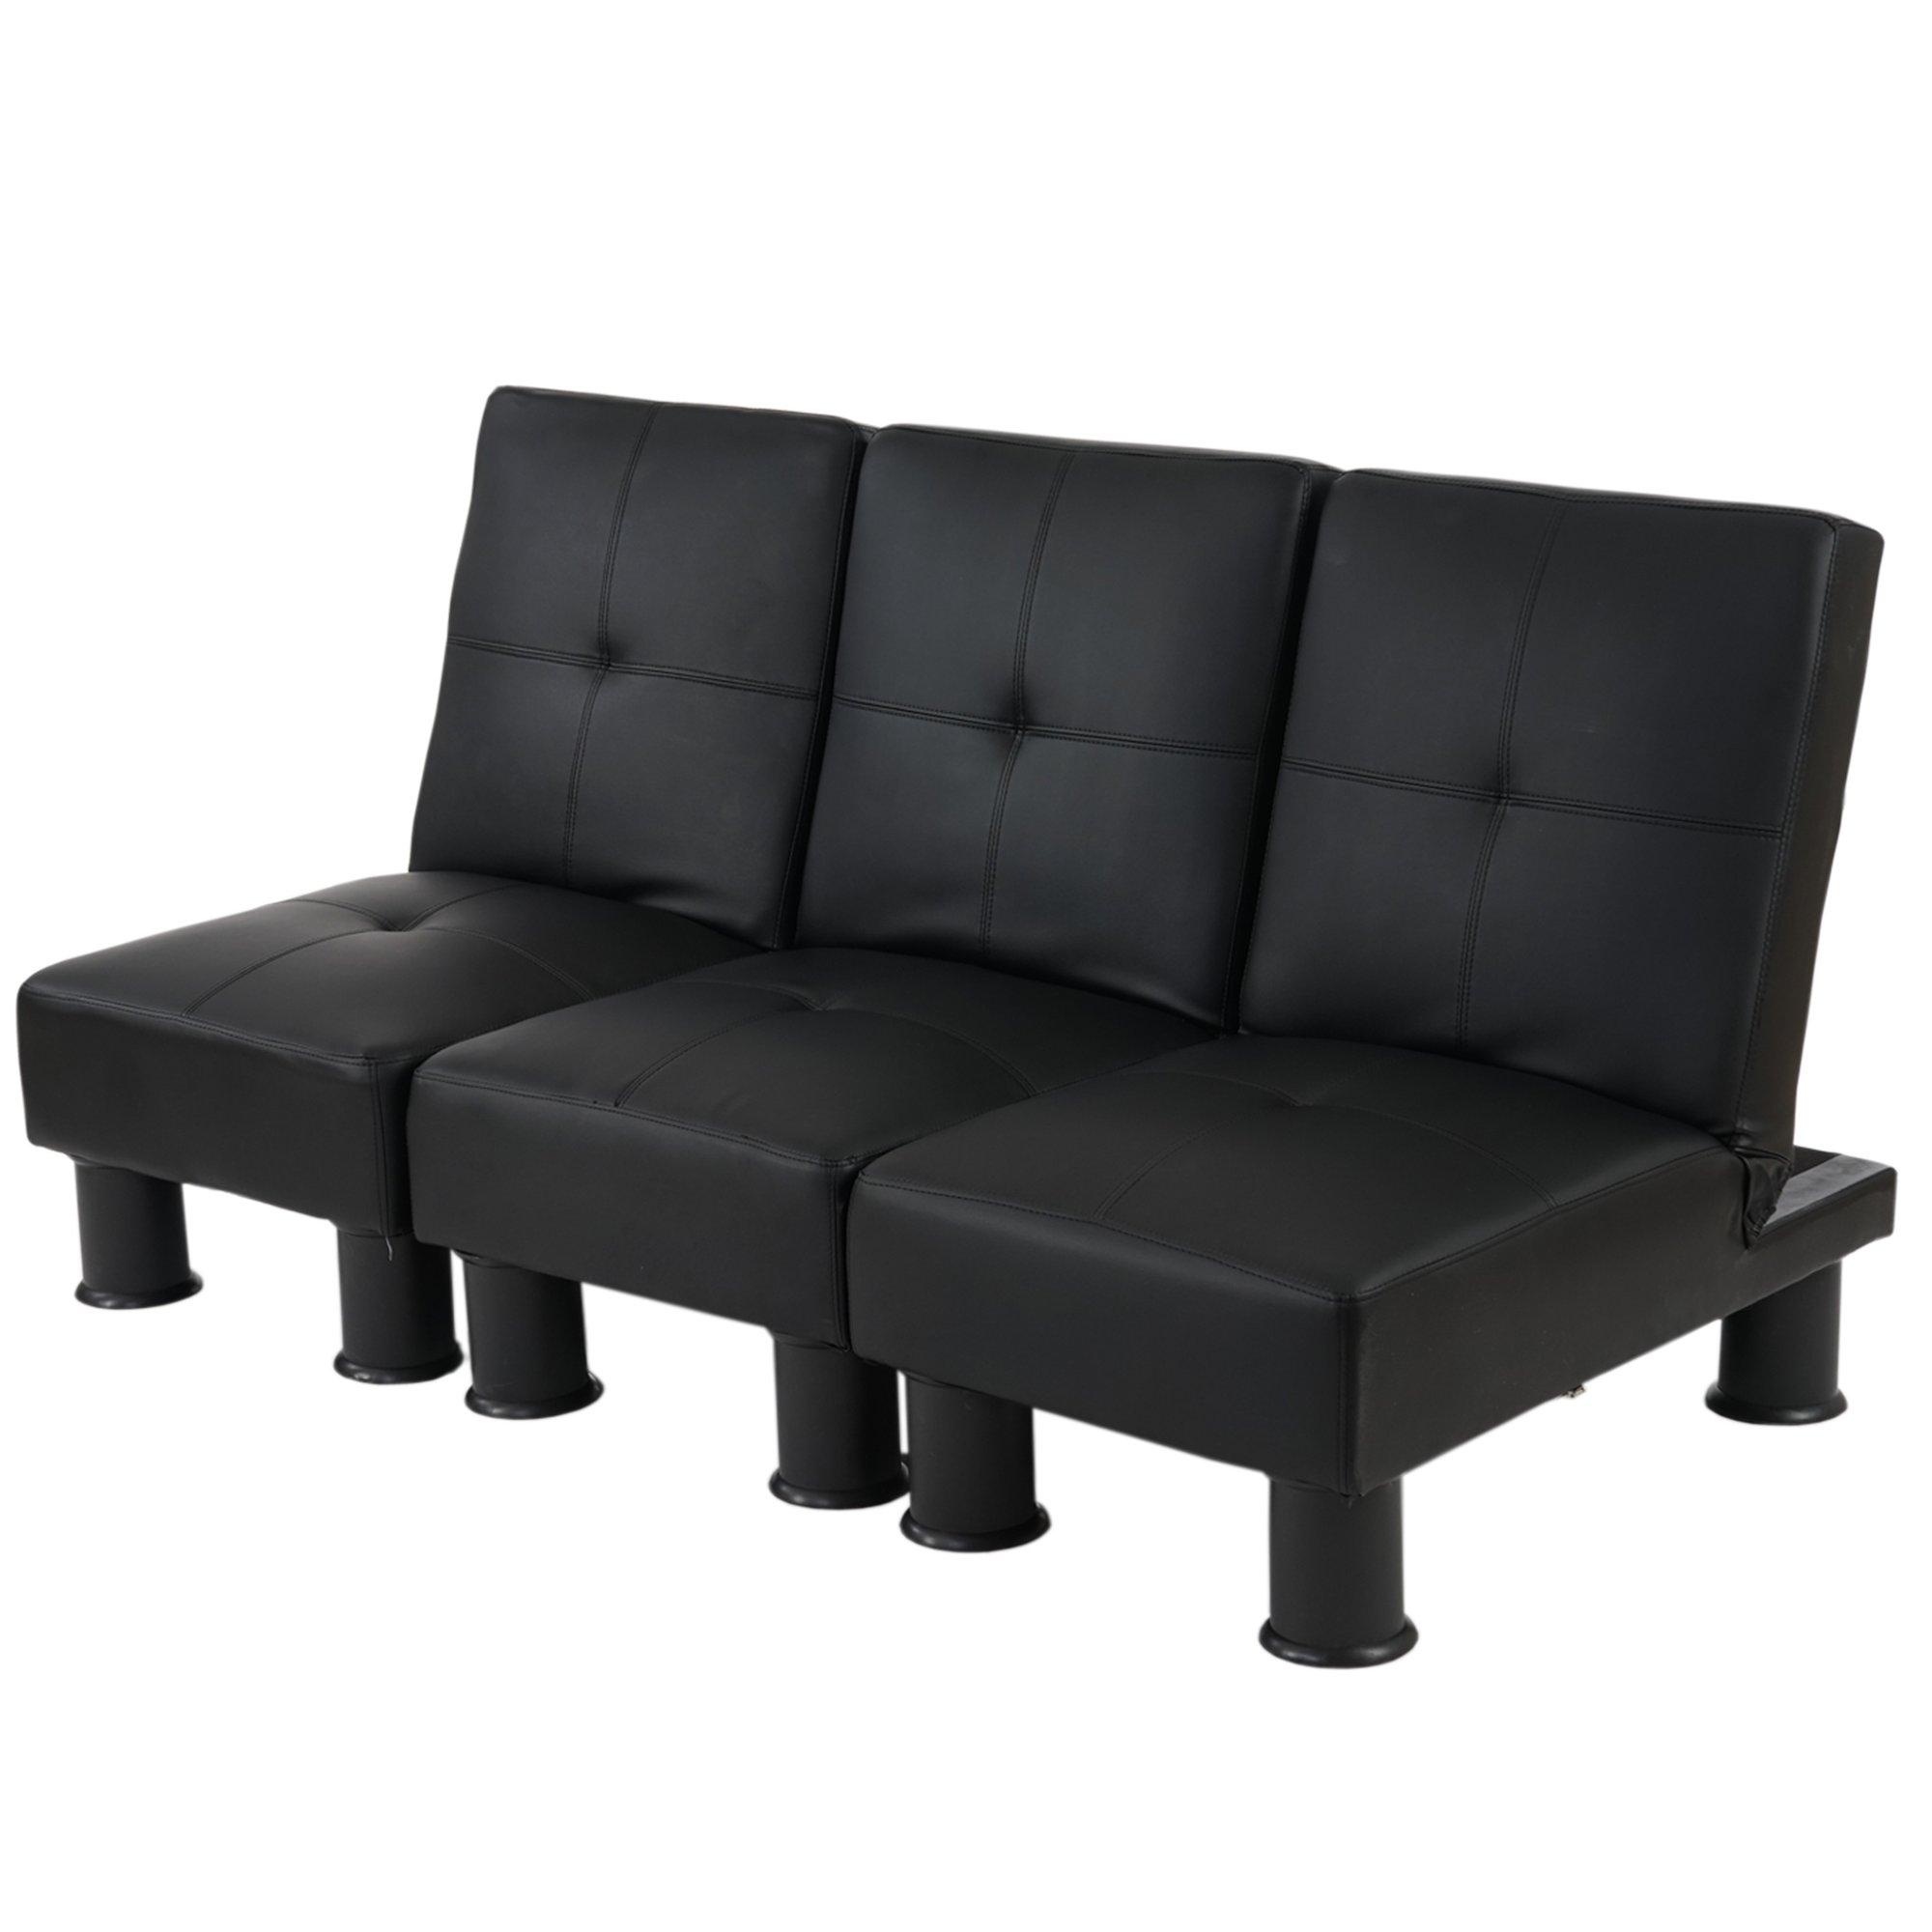 Lote 3 modulos sofa cama melbourne ii en piel color negro sofa cama modular 3 piezas mod - Sofa cama gran canaria ...